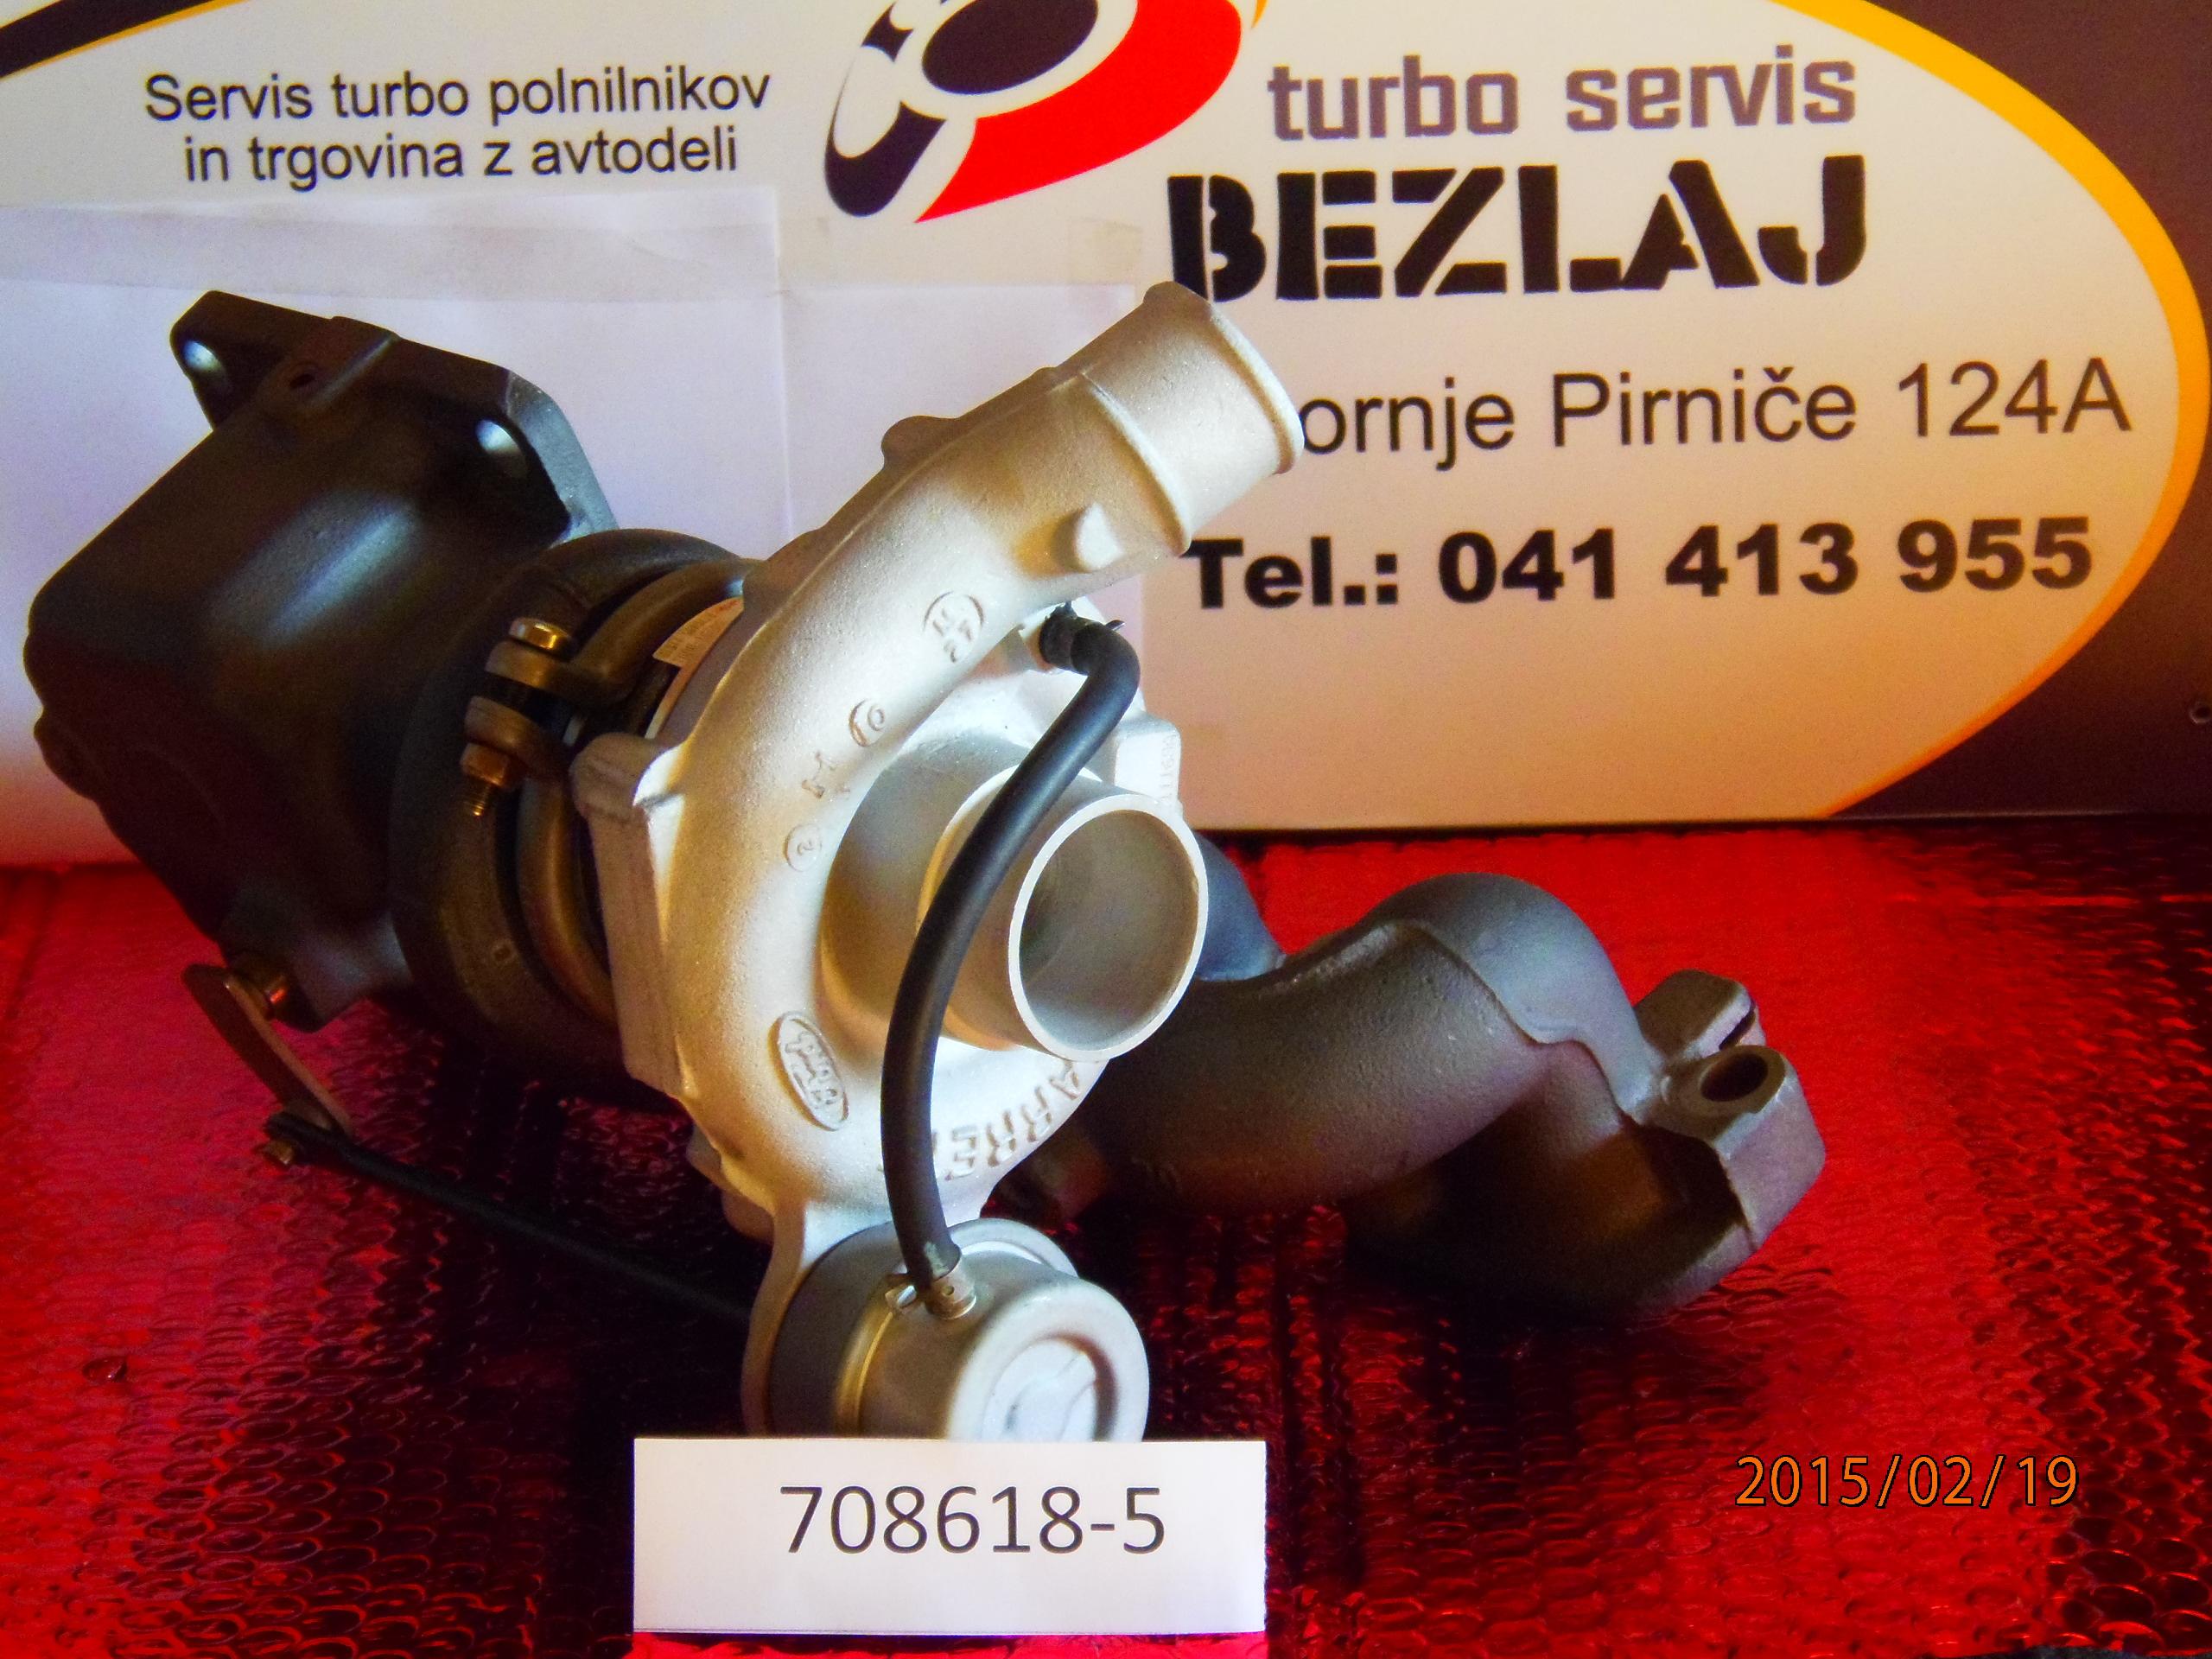 turbo708618-5 1